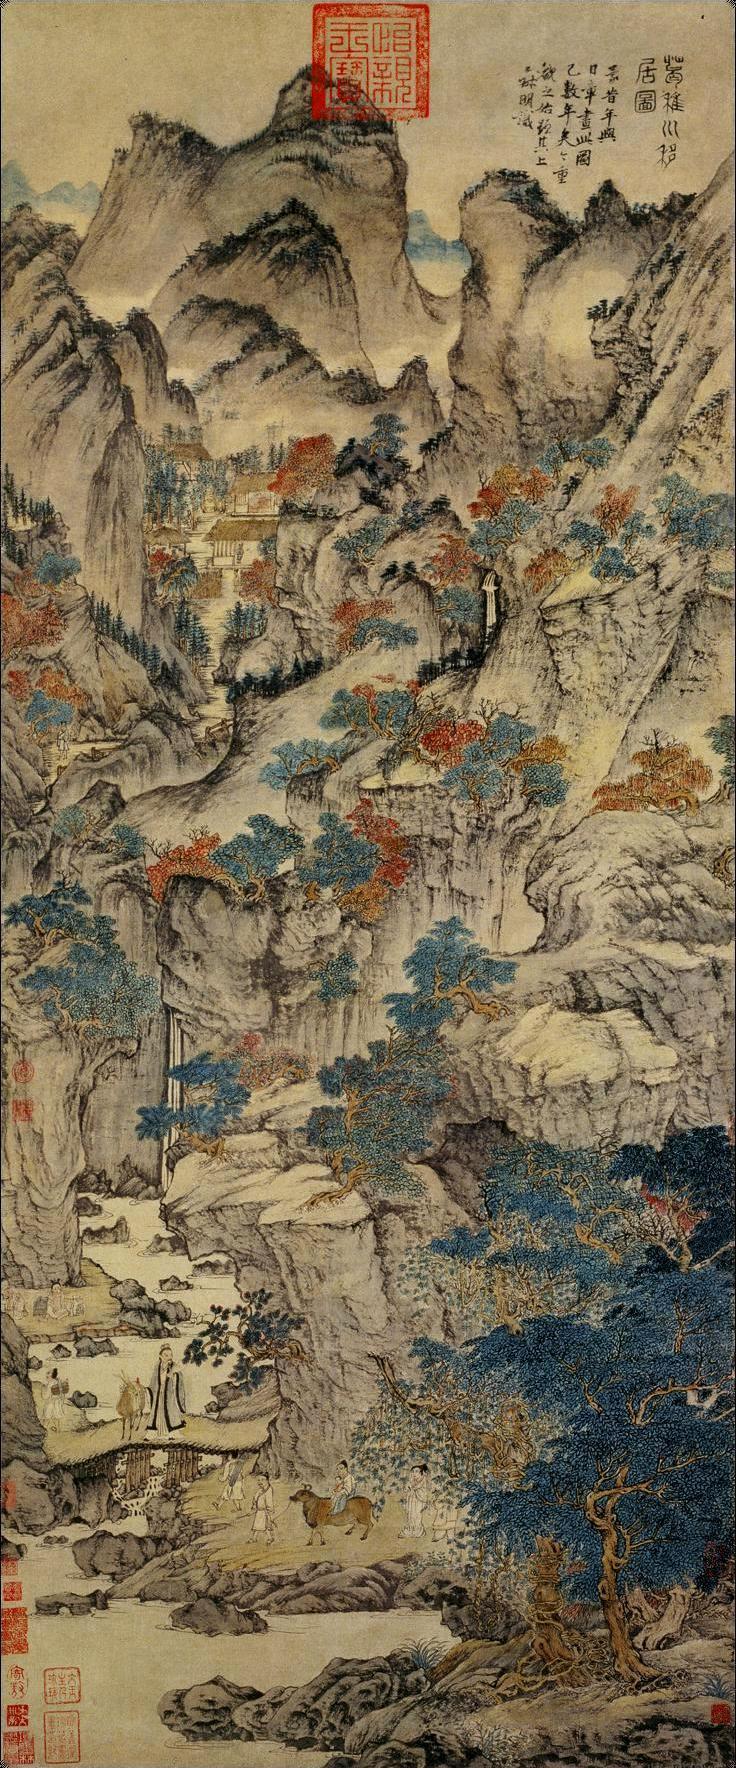 Wang_Meng._Ge_Zhichuan_Moving_his_Dwelling._ca._1360s_139x58cm_Palace_Museum_Beijing1